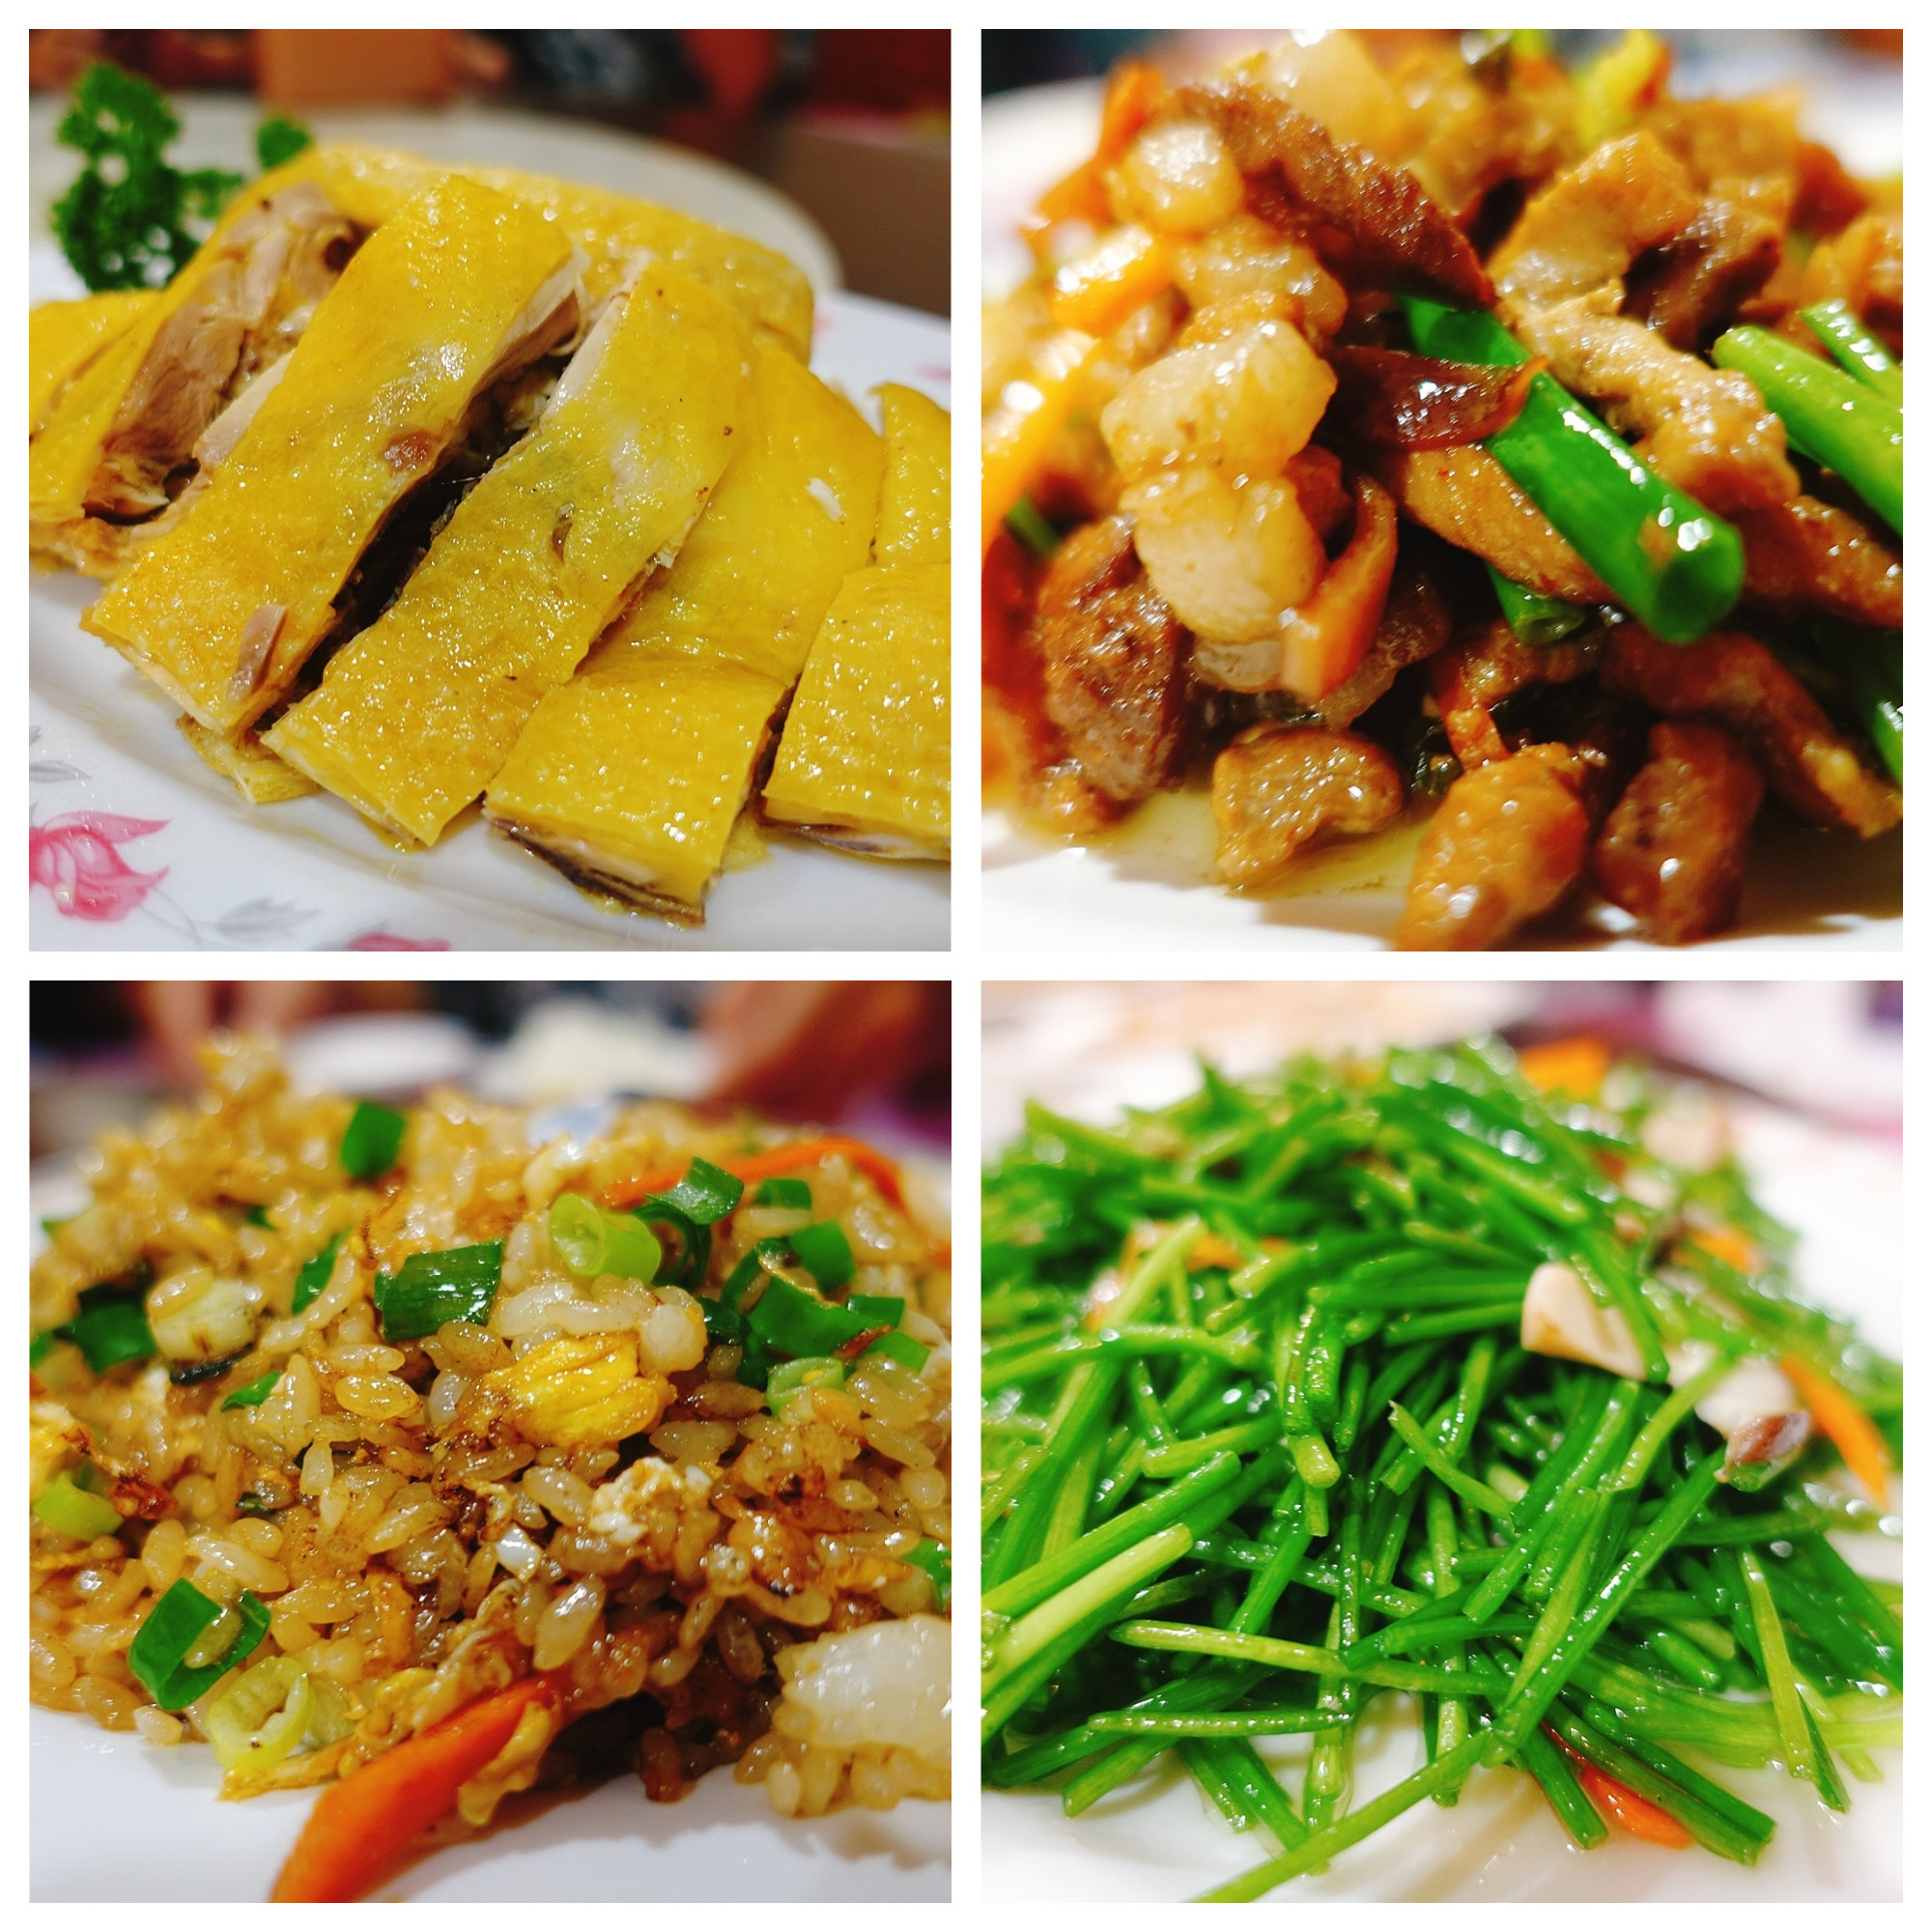 【台東池上】翠華小館|客家合菜|薑絲大腸超大份量又好吃